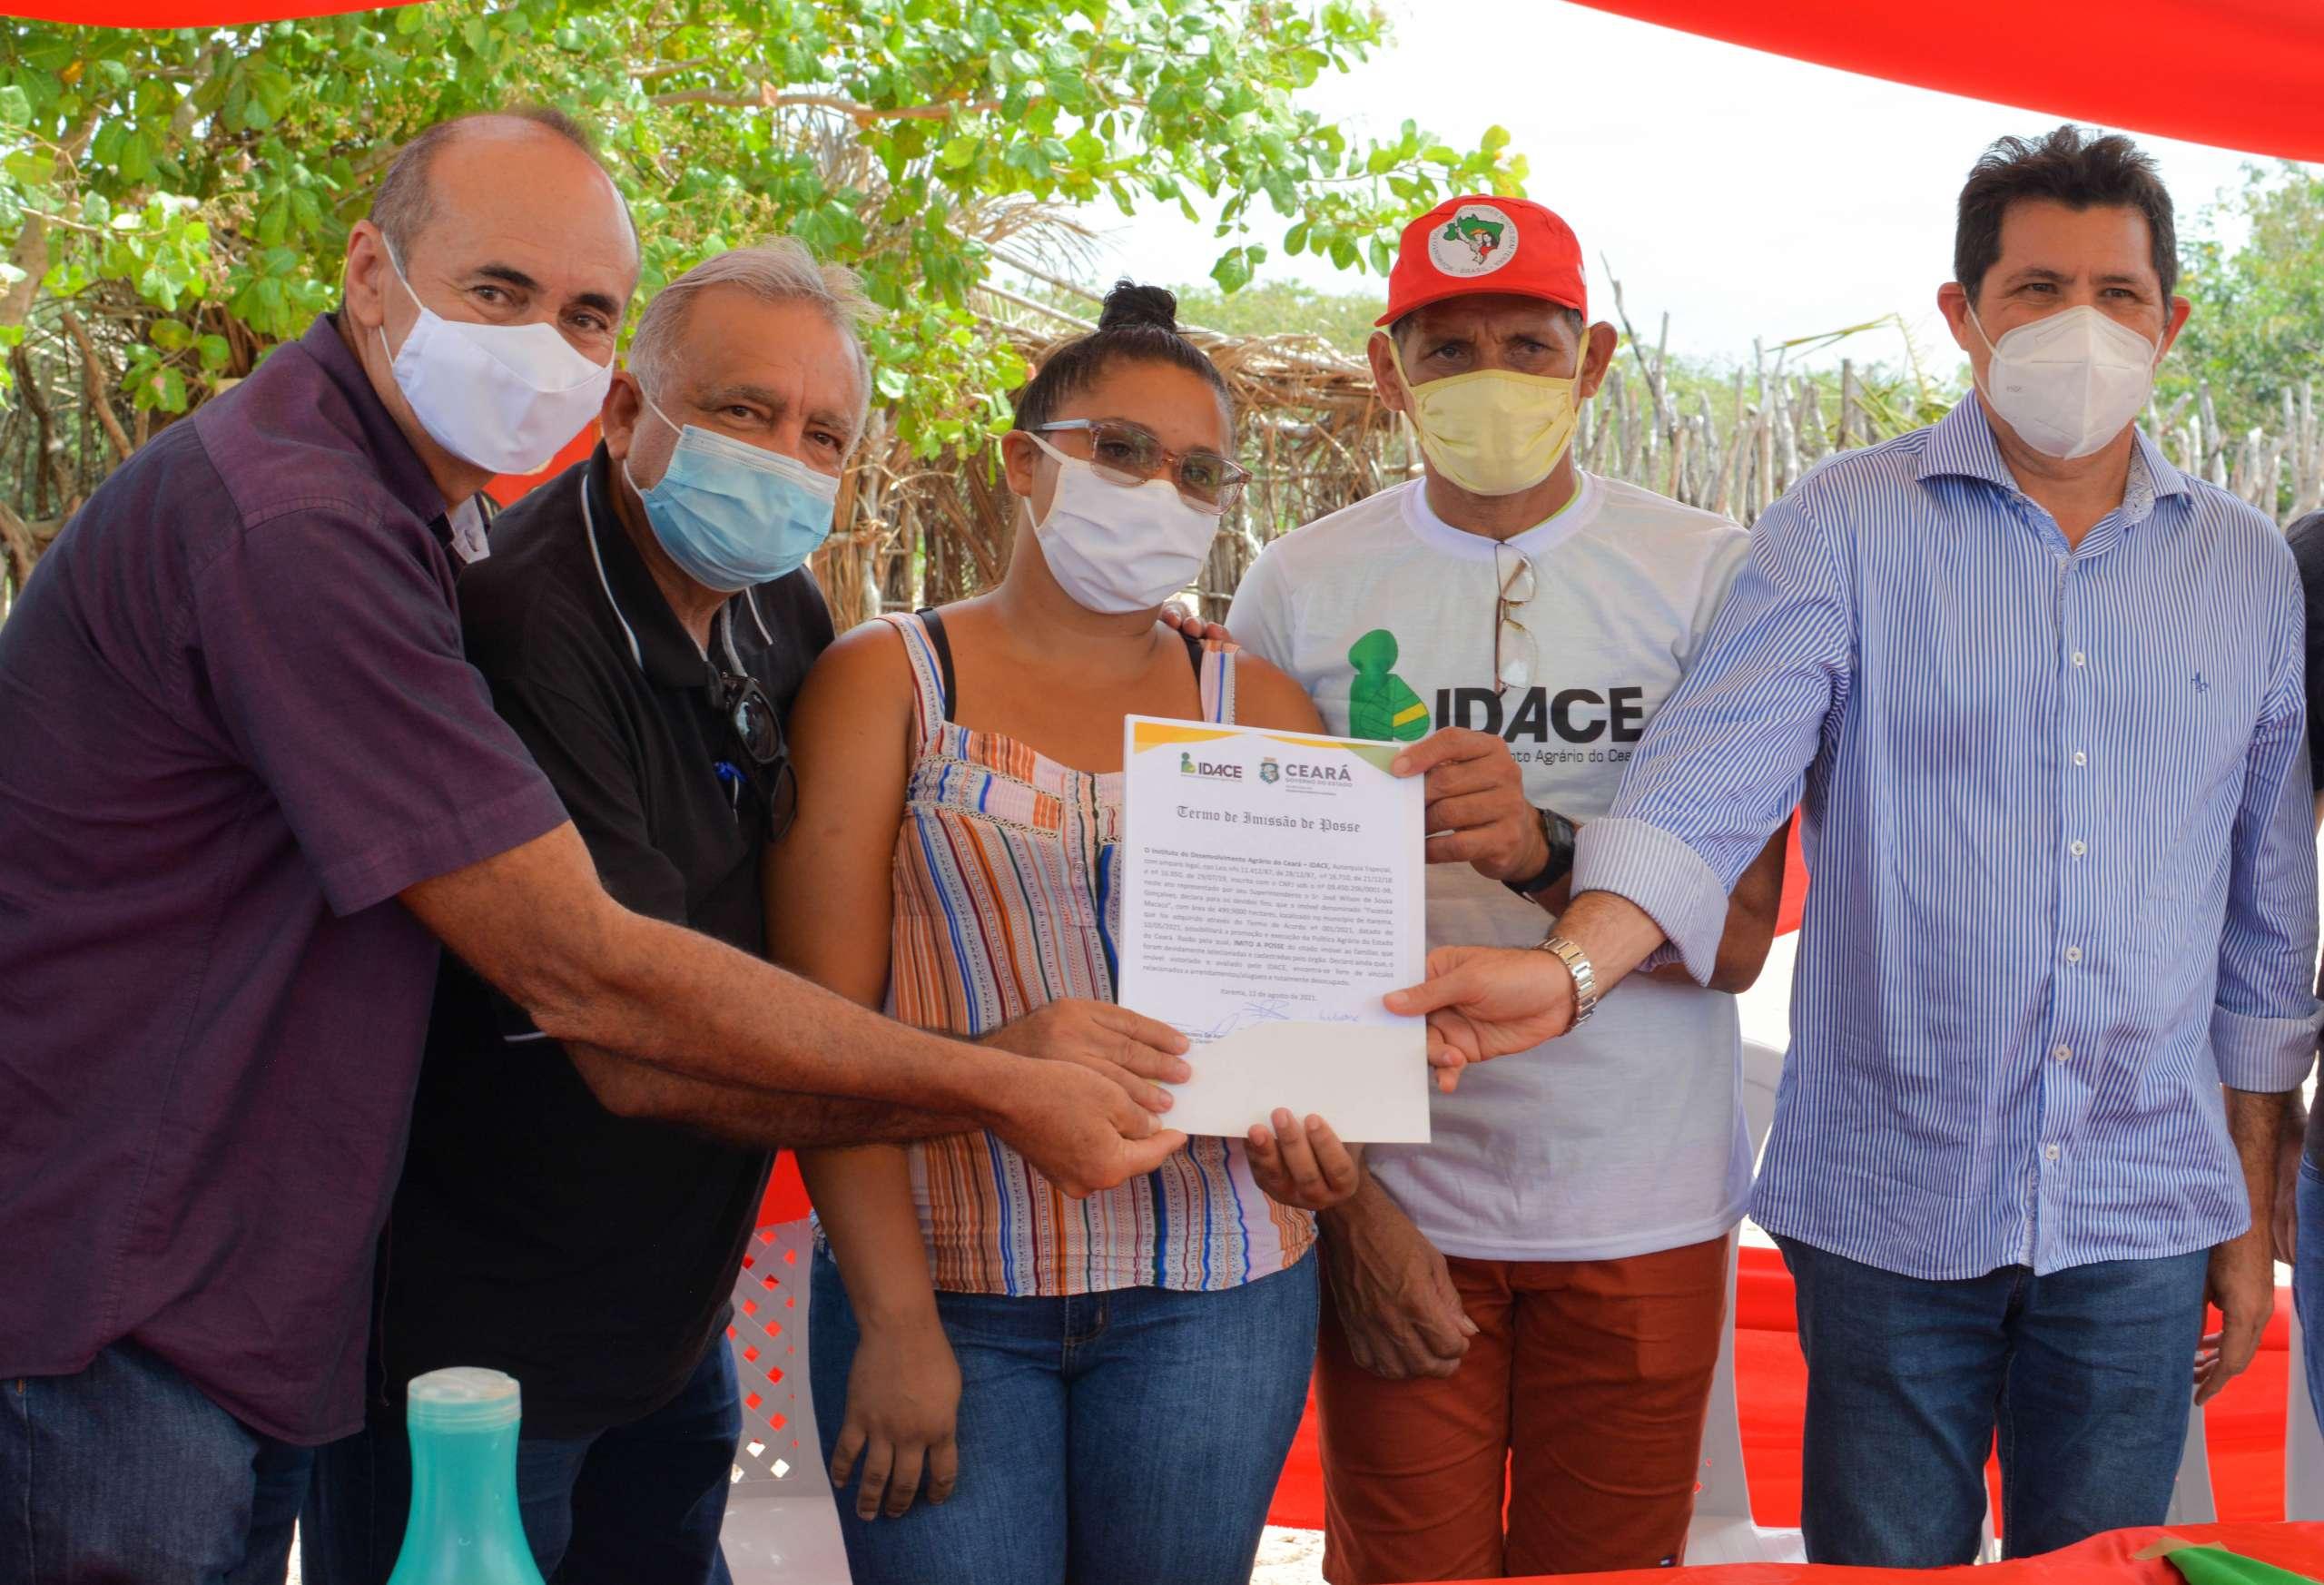 20 famílias de Itarema recebem a imissão de posse na terra.